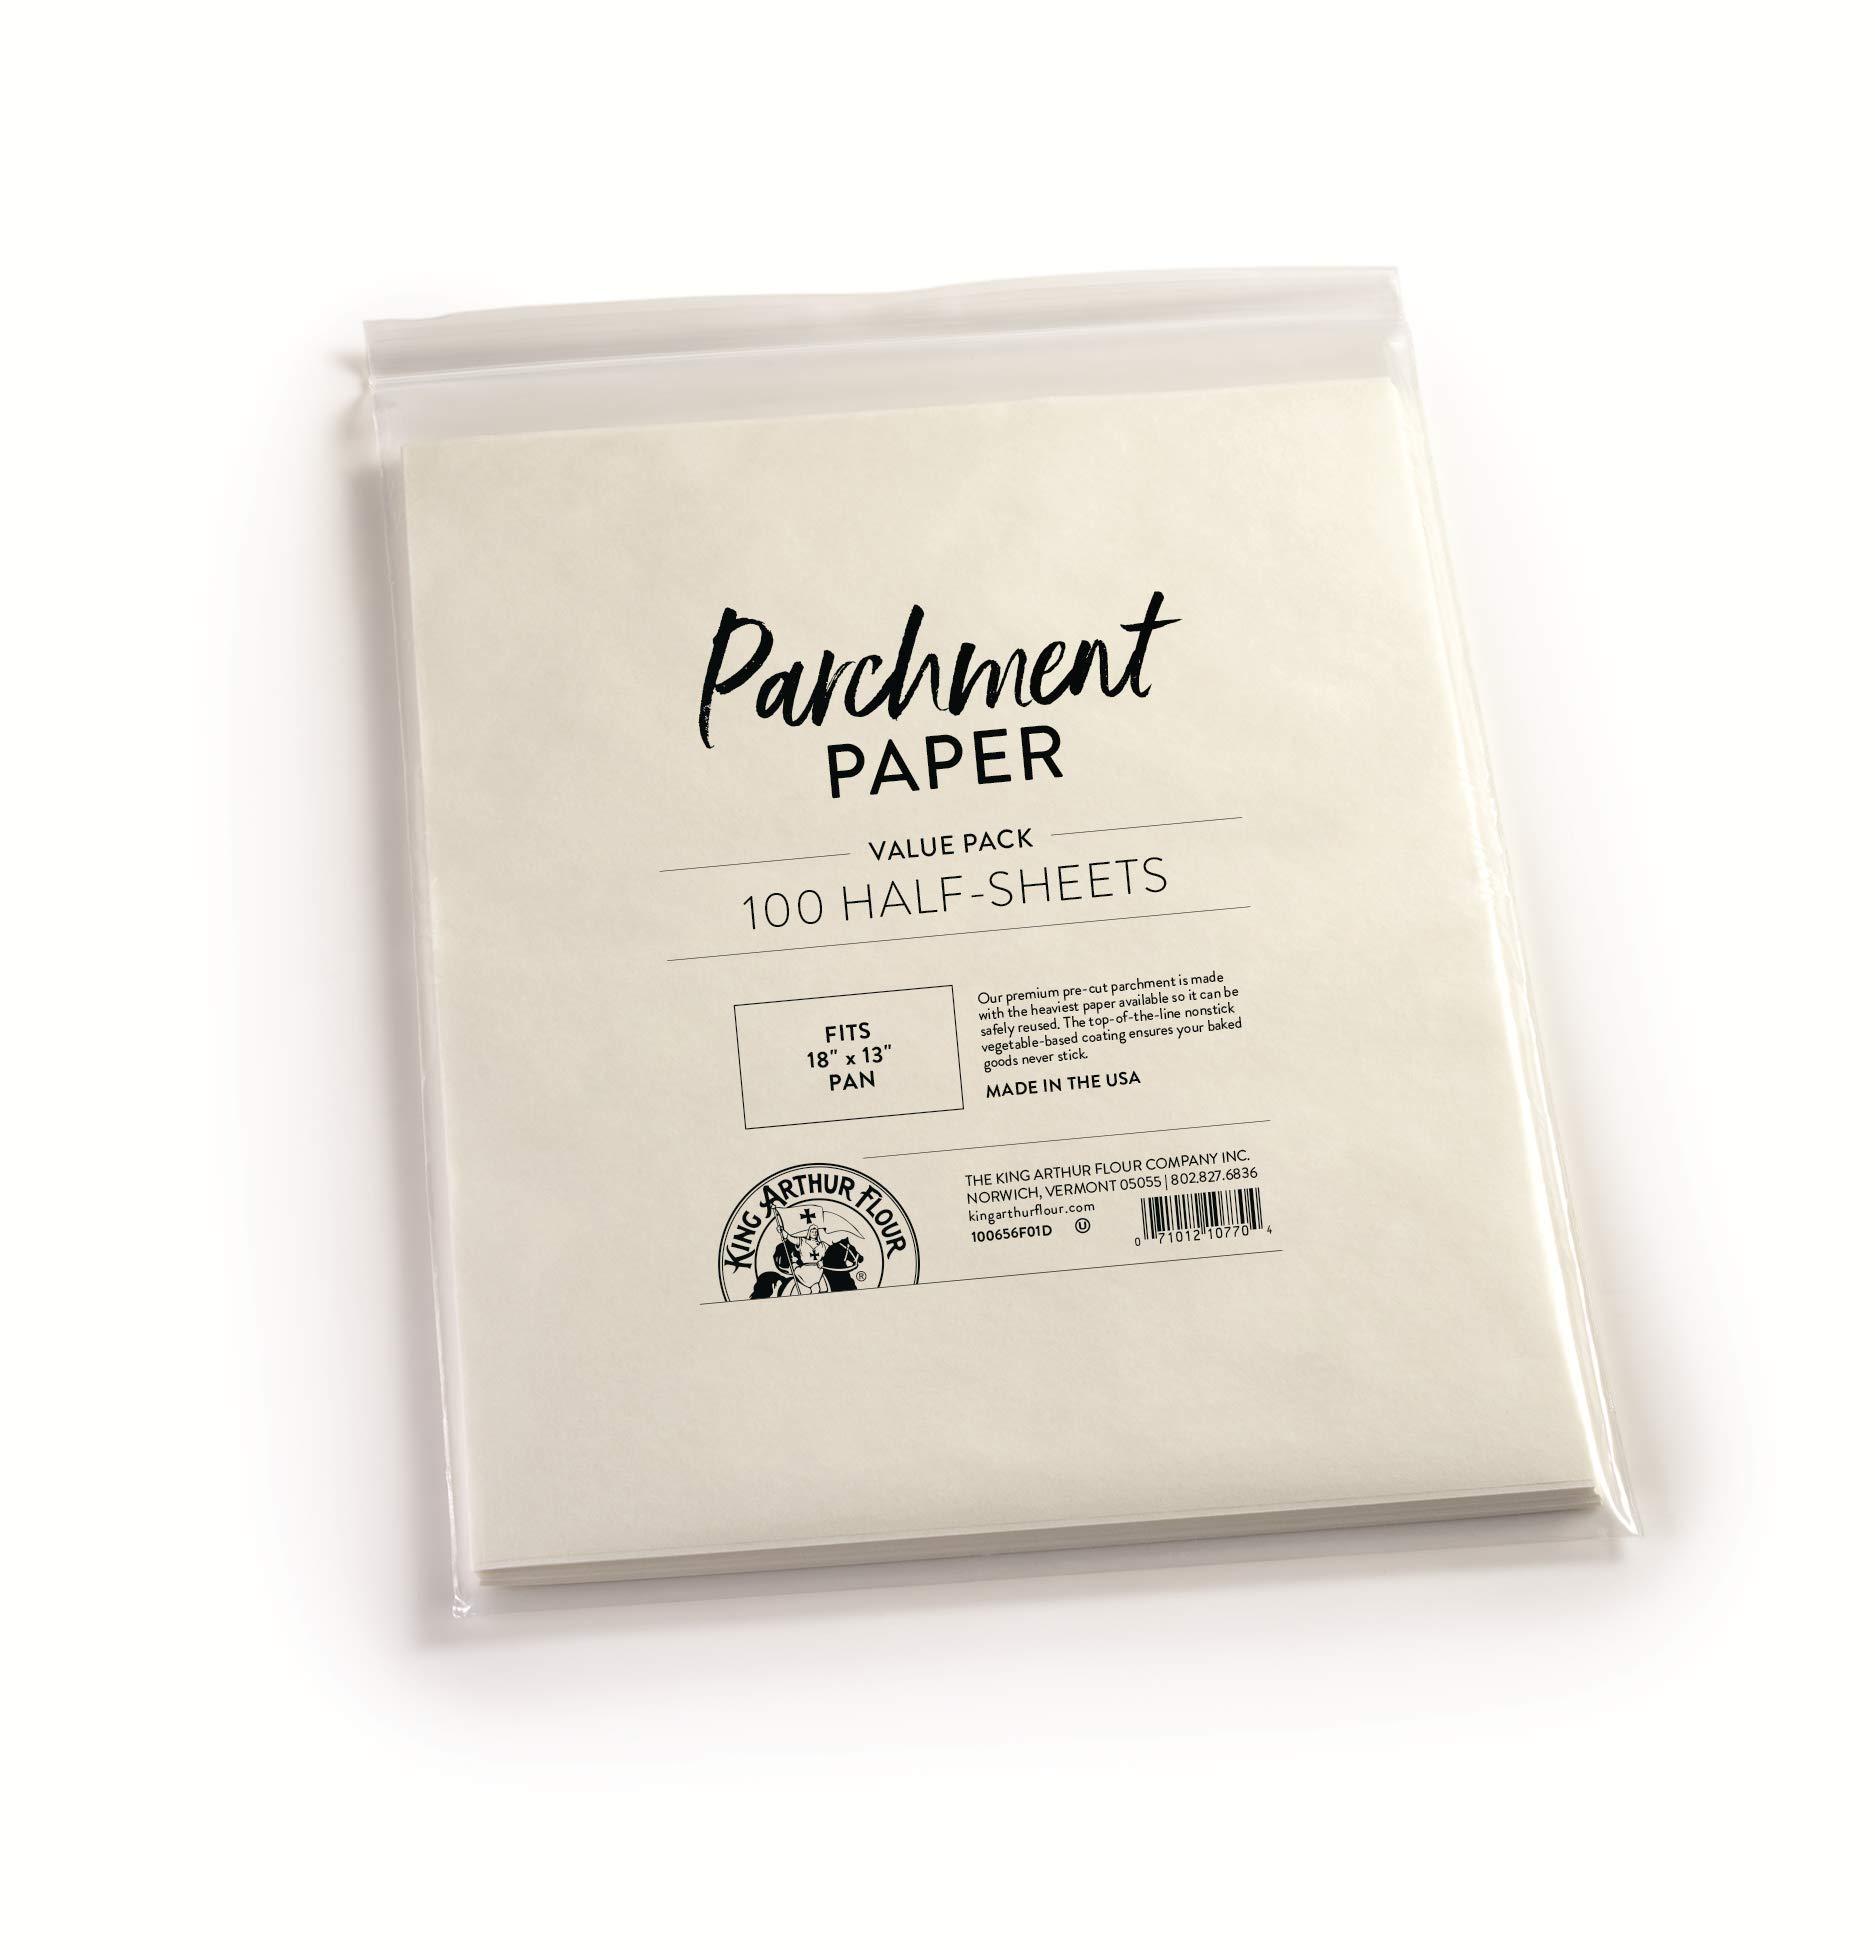 King Arthur Flour Precut Baking Parchment Paper, Heavy Duty, Professional Grade, Nonstick, Reusable, Resealable Pack, 12' X 16', 100 count (Pack of 22) by King Arthur Flour